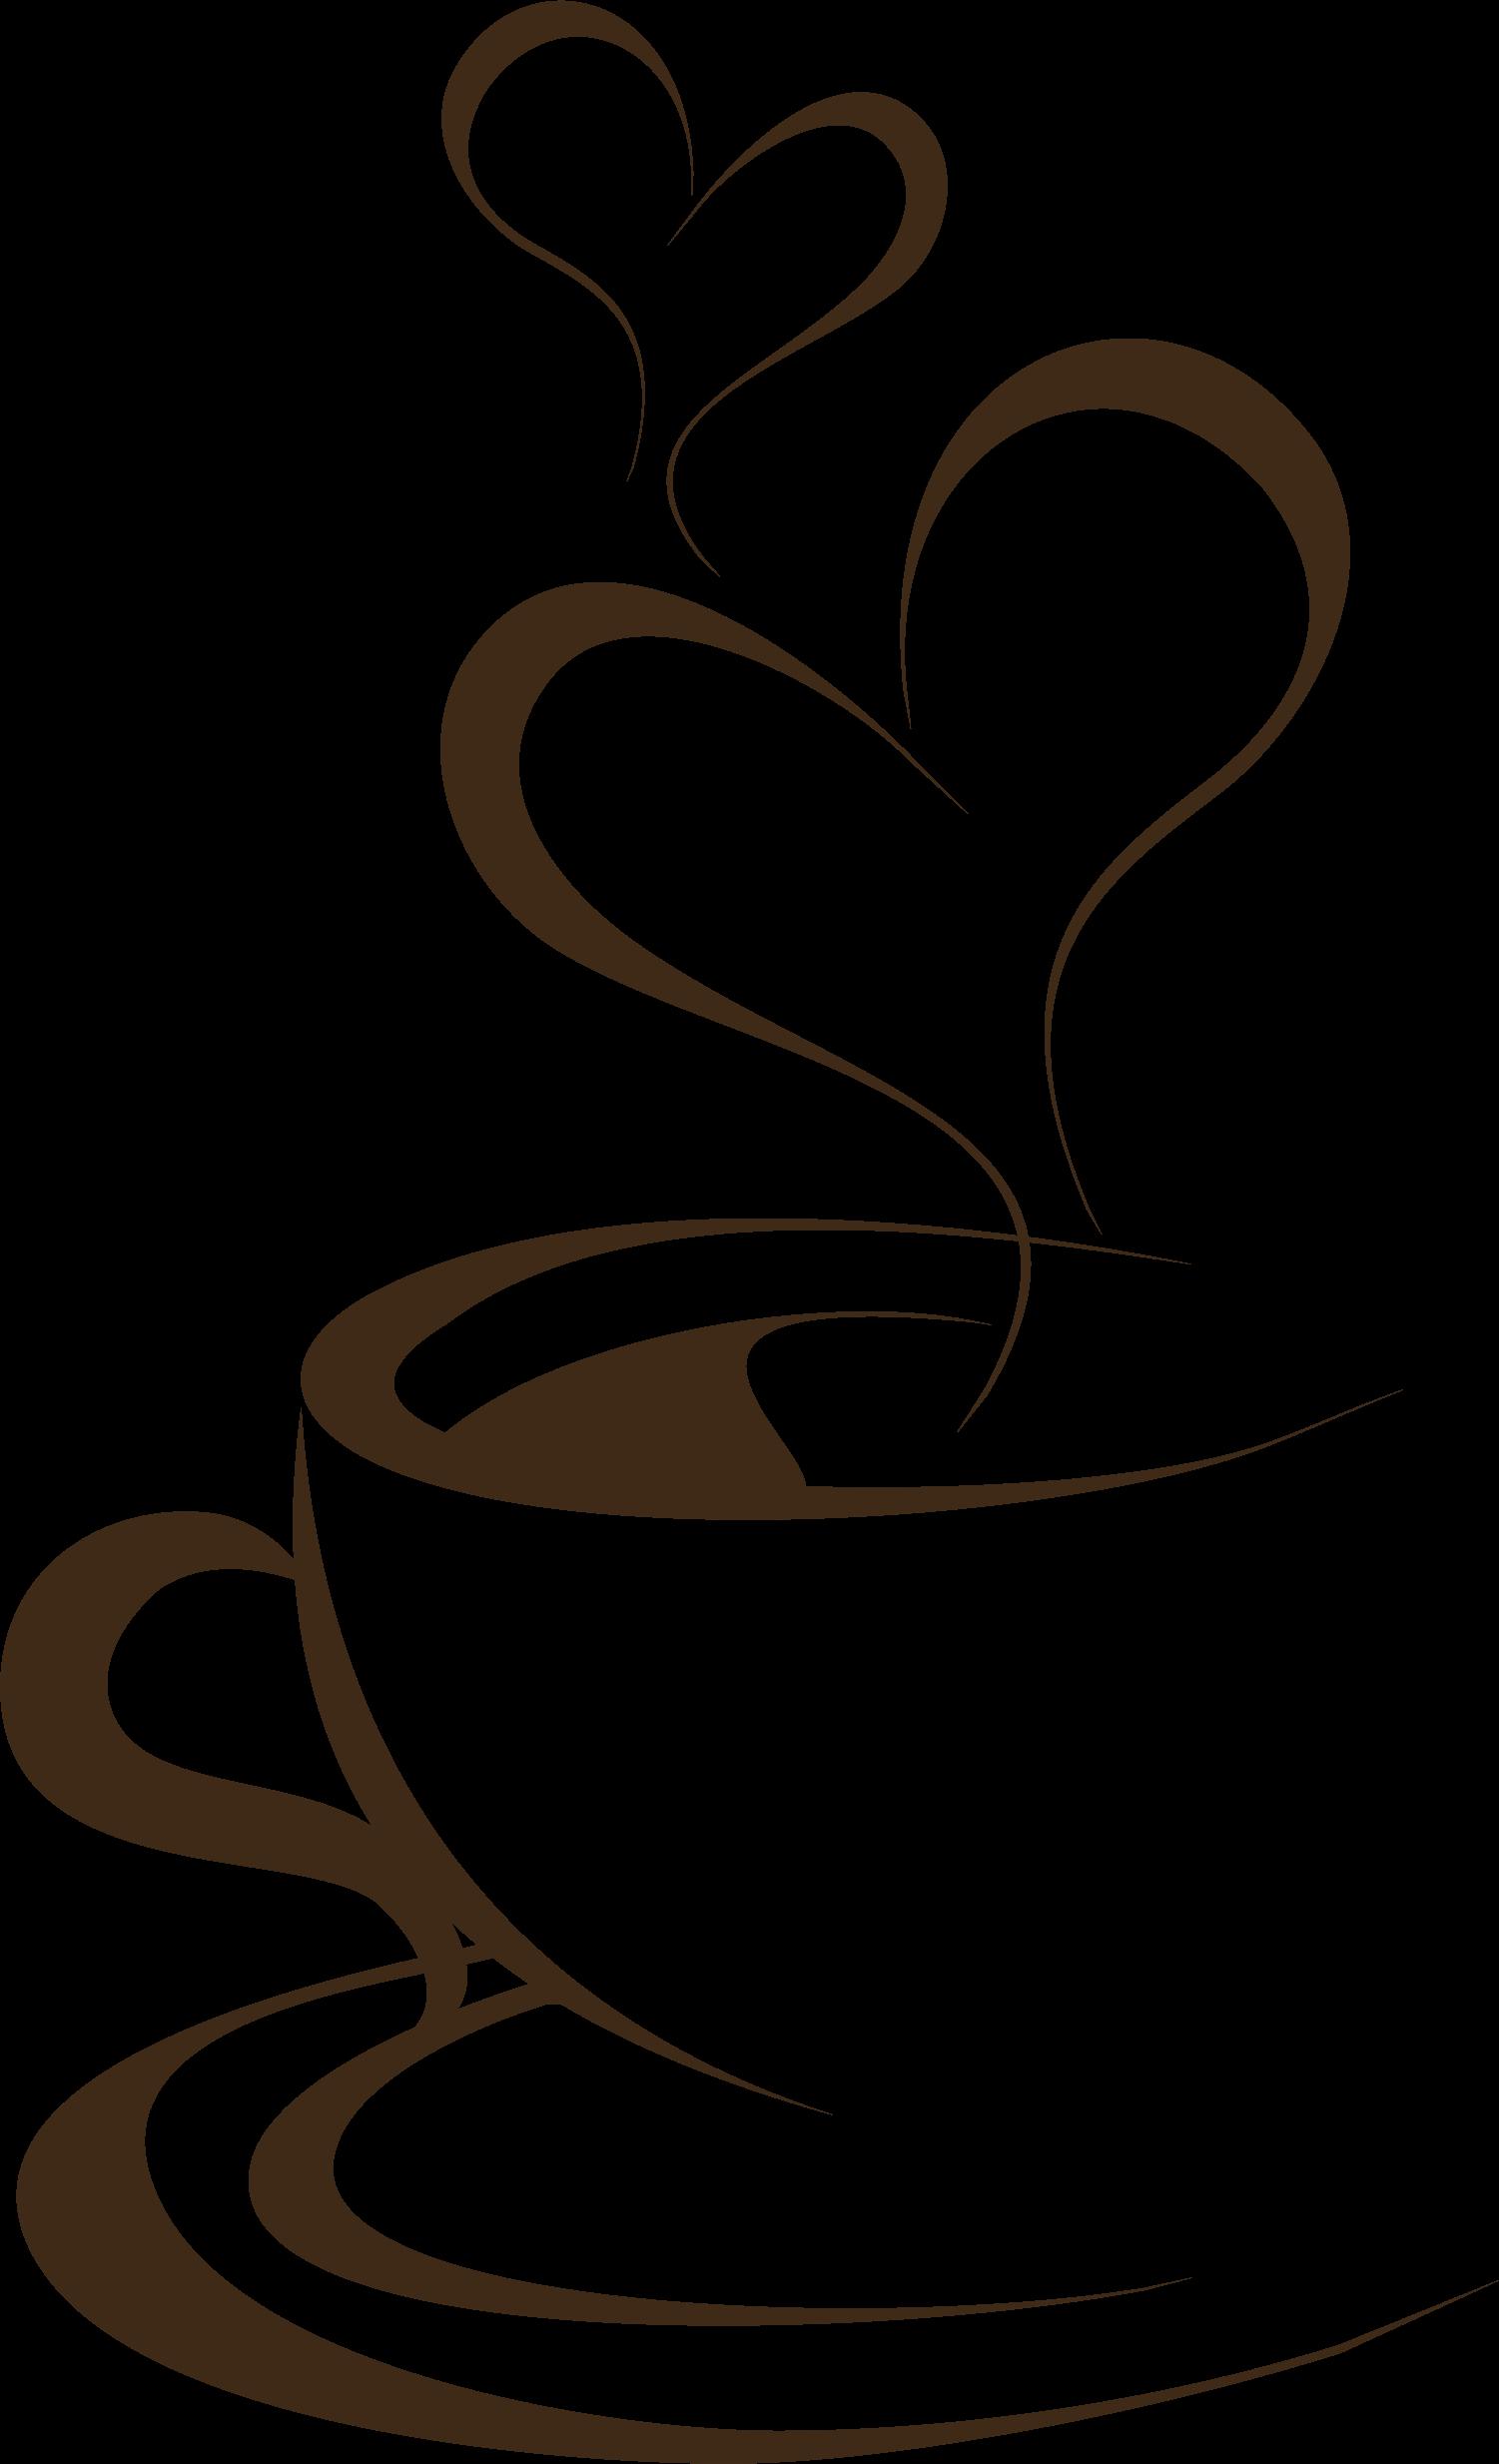 Рисунок с кофейной чашкой